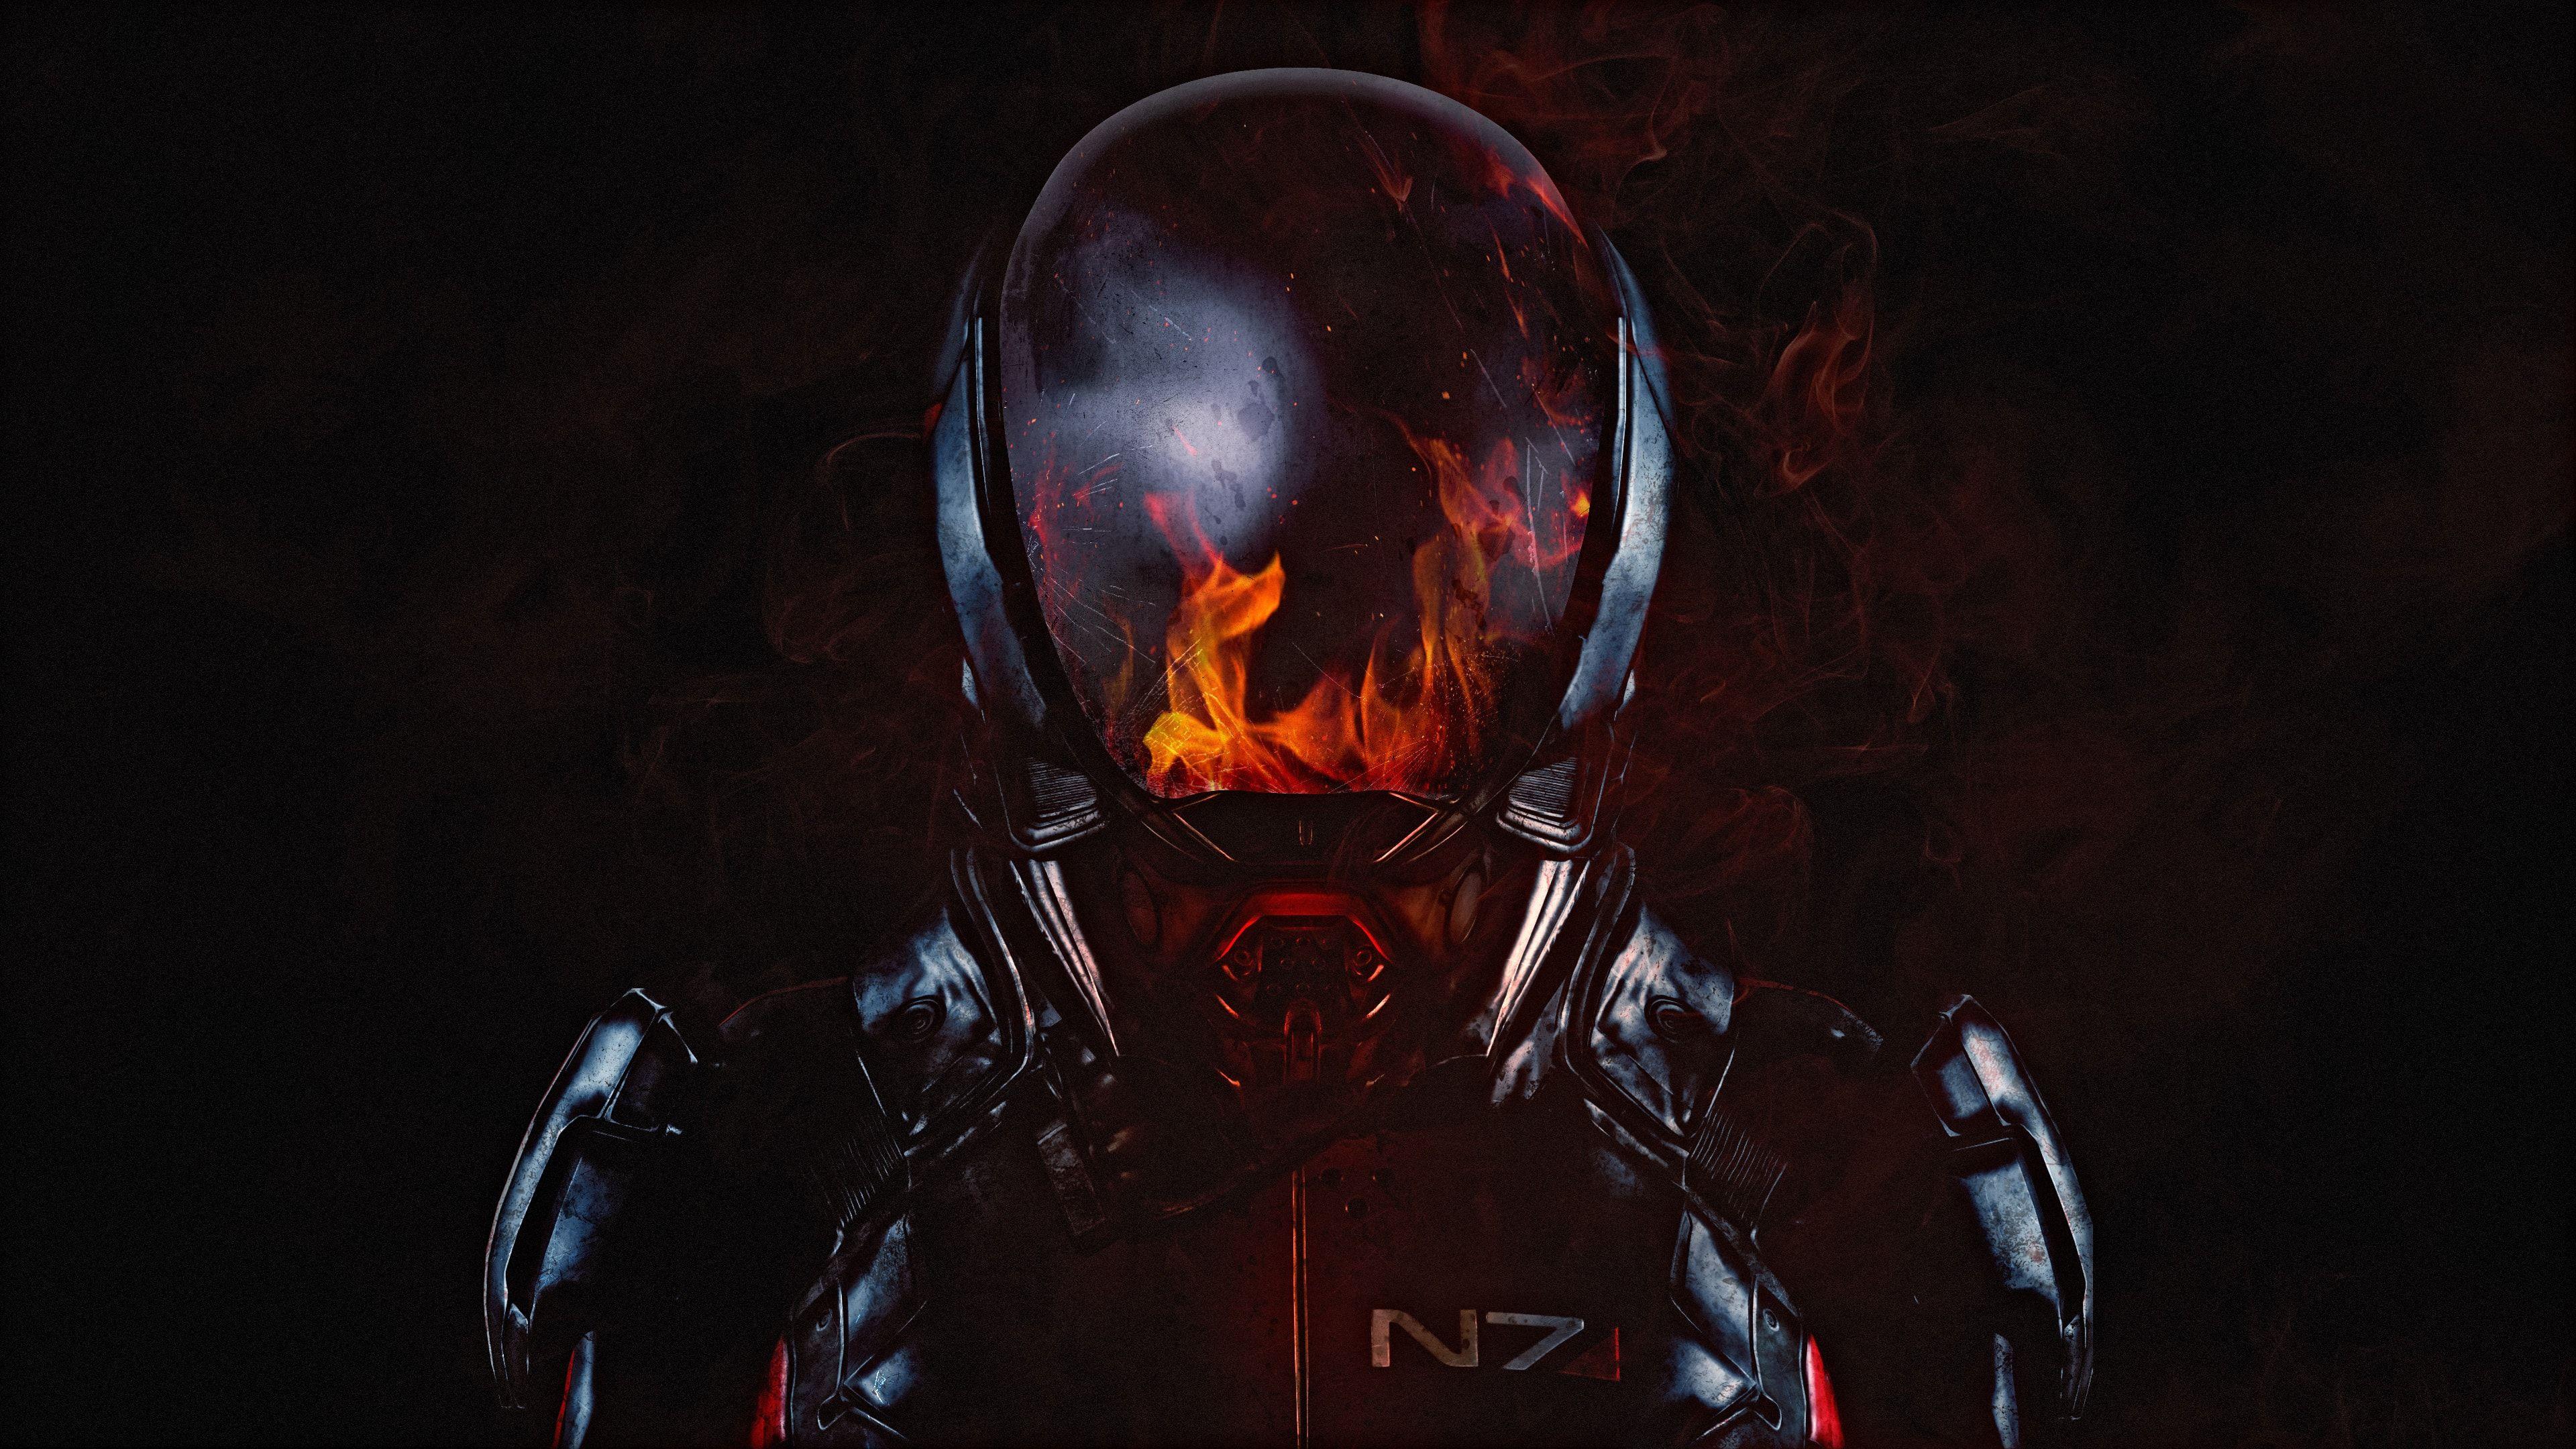 Armor Mass Effect Andromeda Game Mass Effect Hd Wallpaper Mass